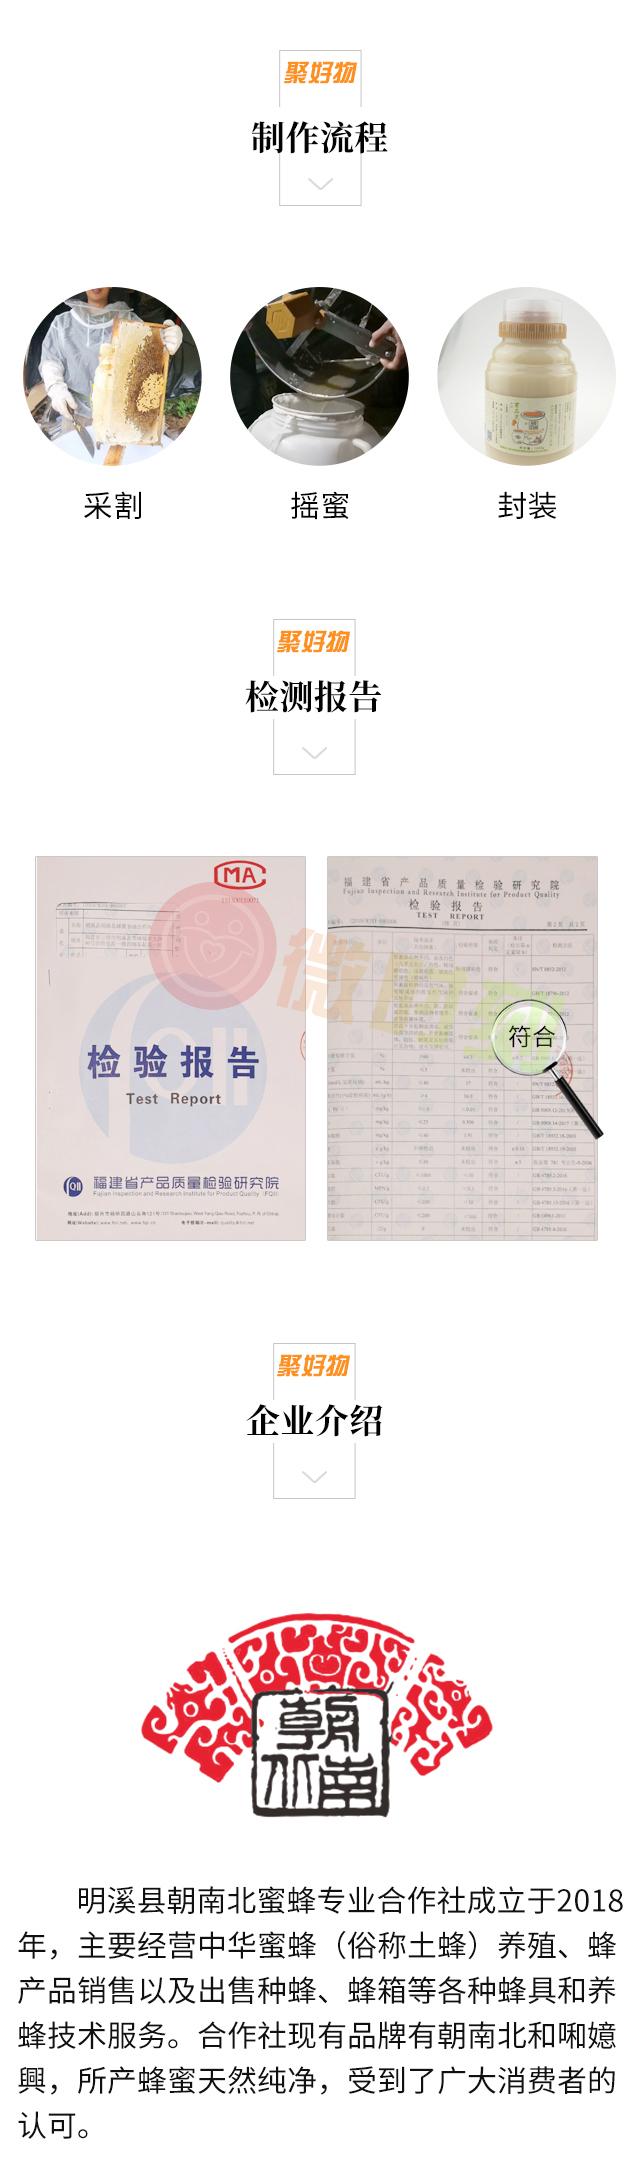 明溪啝嬑興天然蜂蜜2_06.jpg